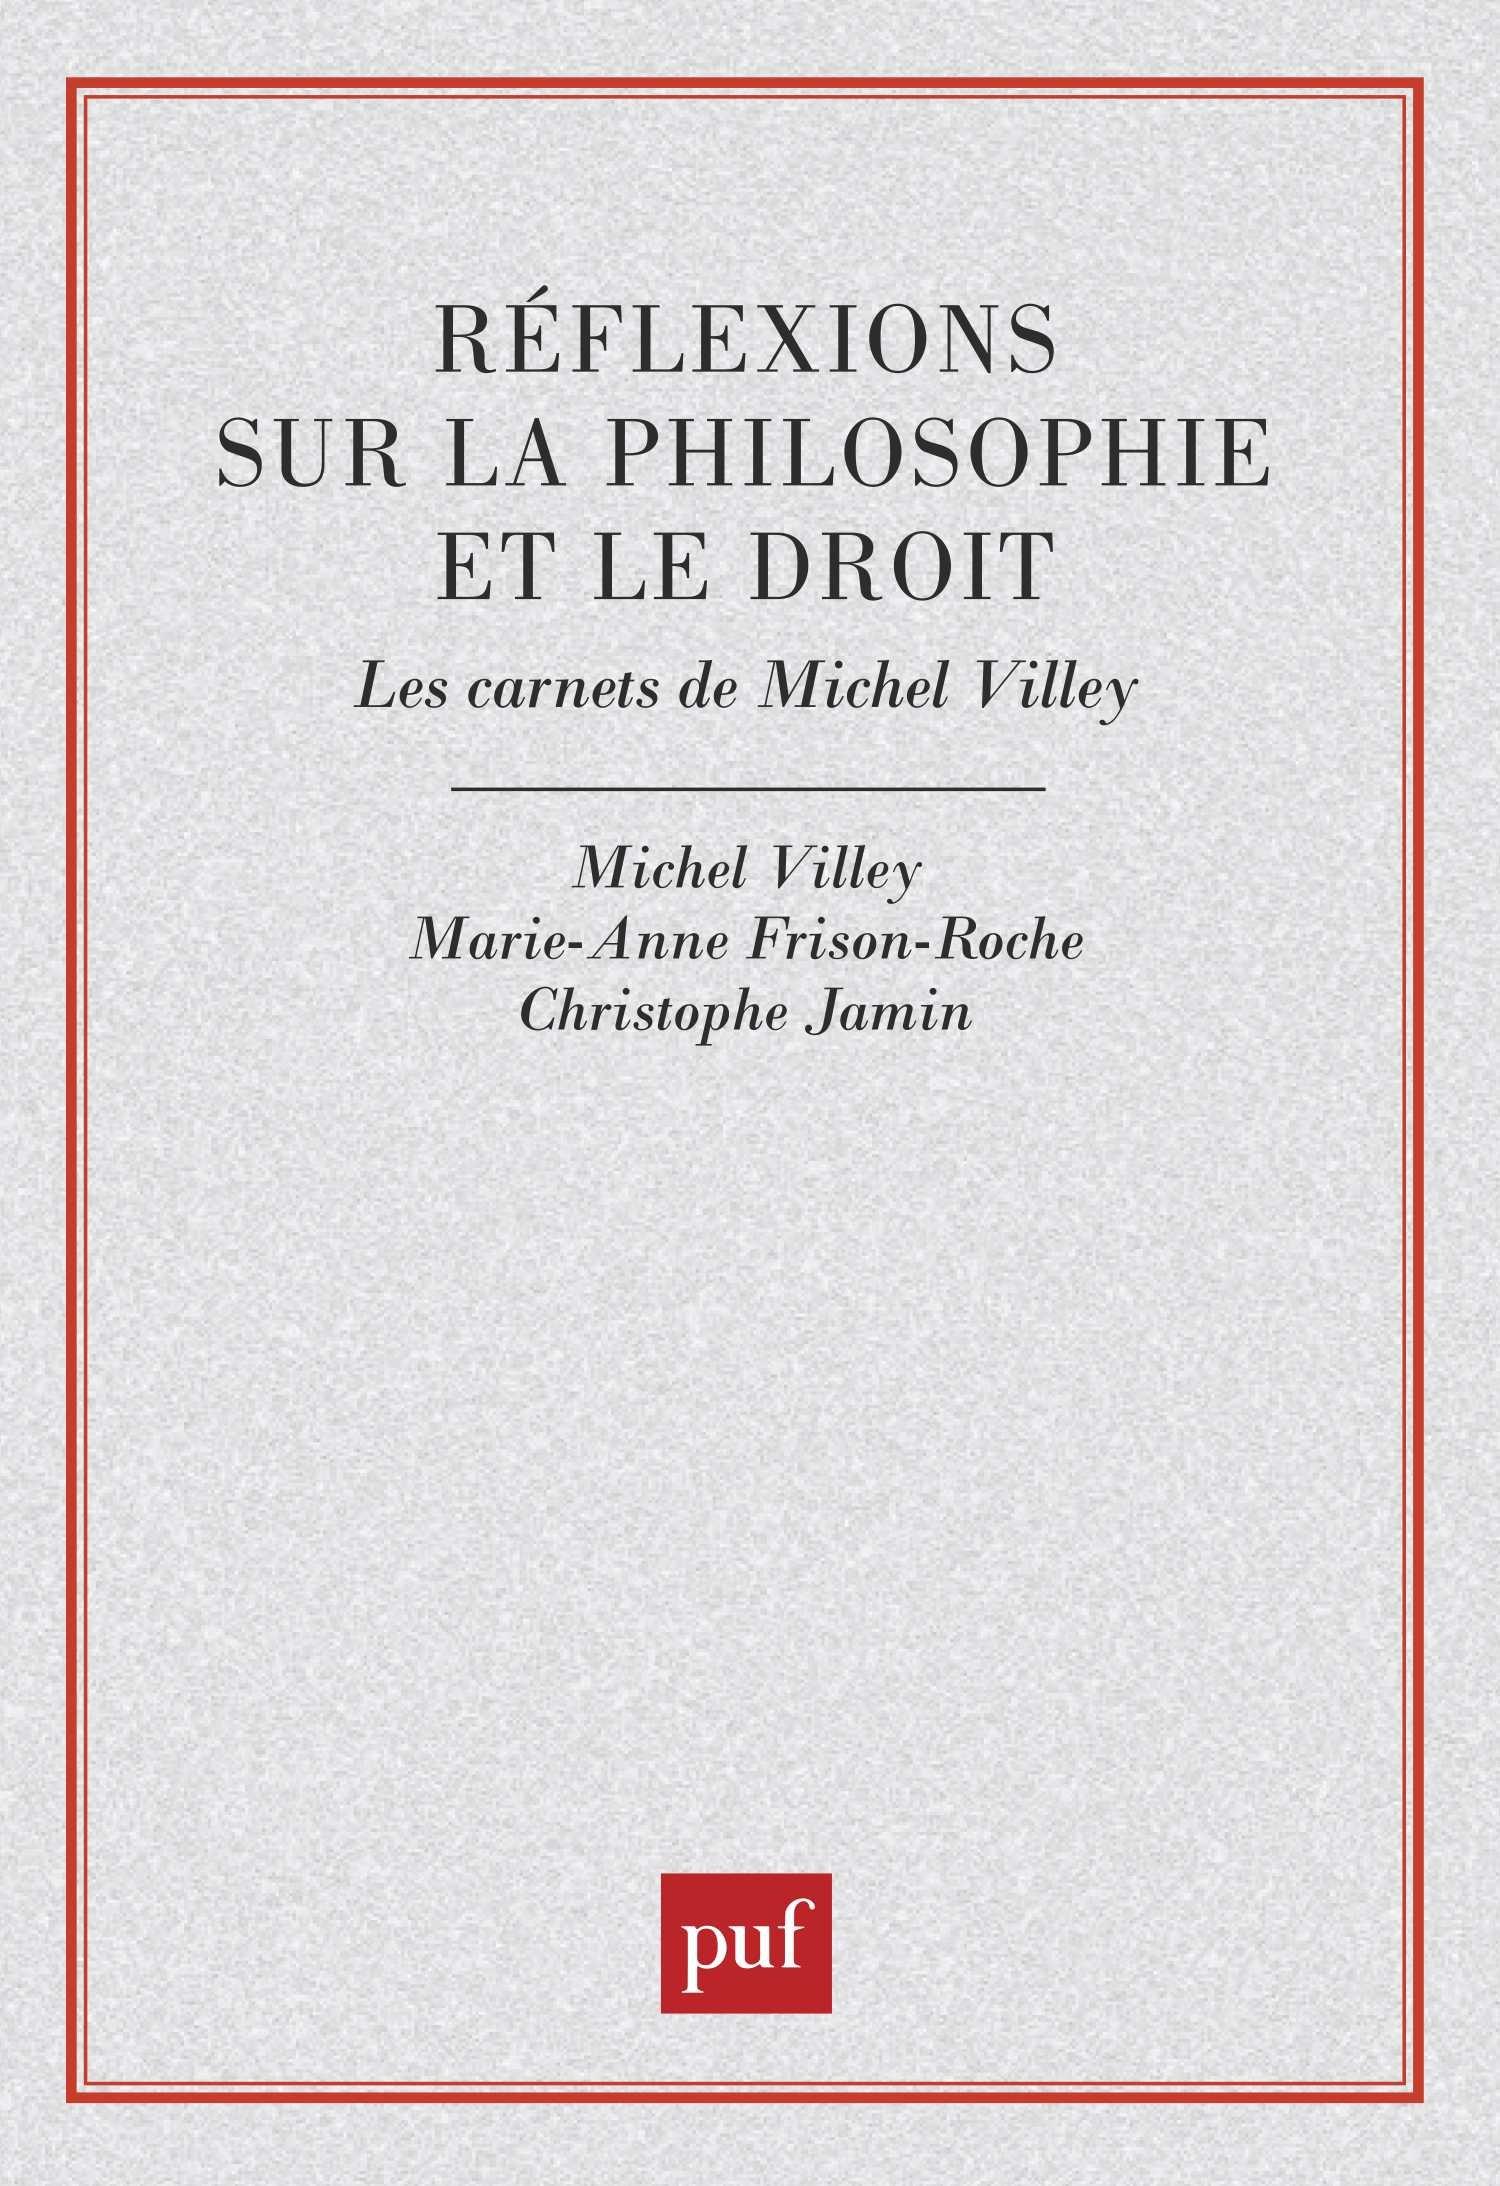 Réflexions sur la philosophie et le droit Broché – 1 janvier 1995 Michel Villey 2130465919 Droit - Philosophie